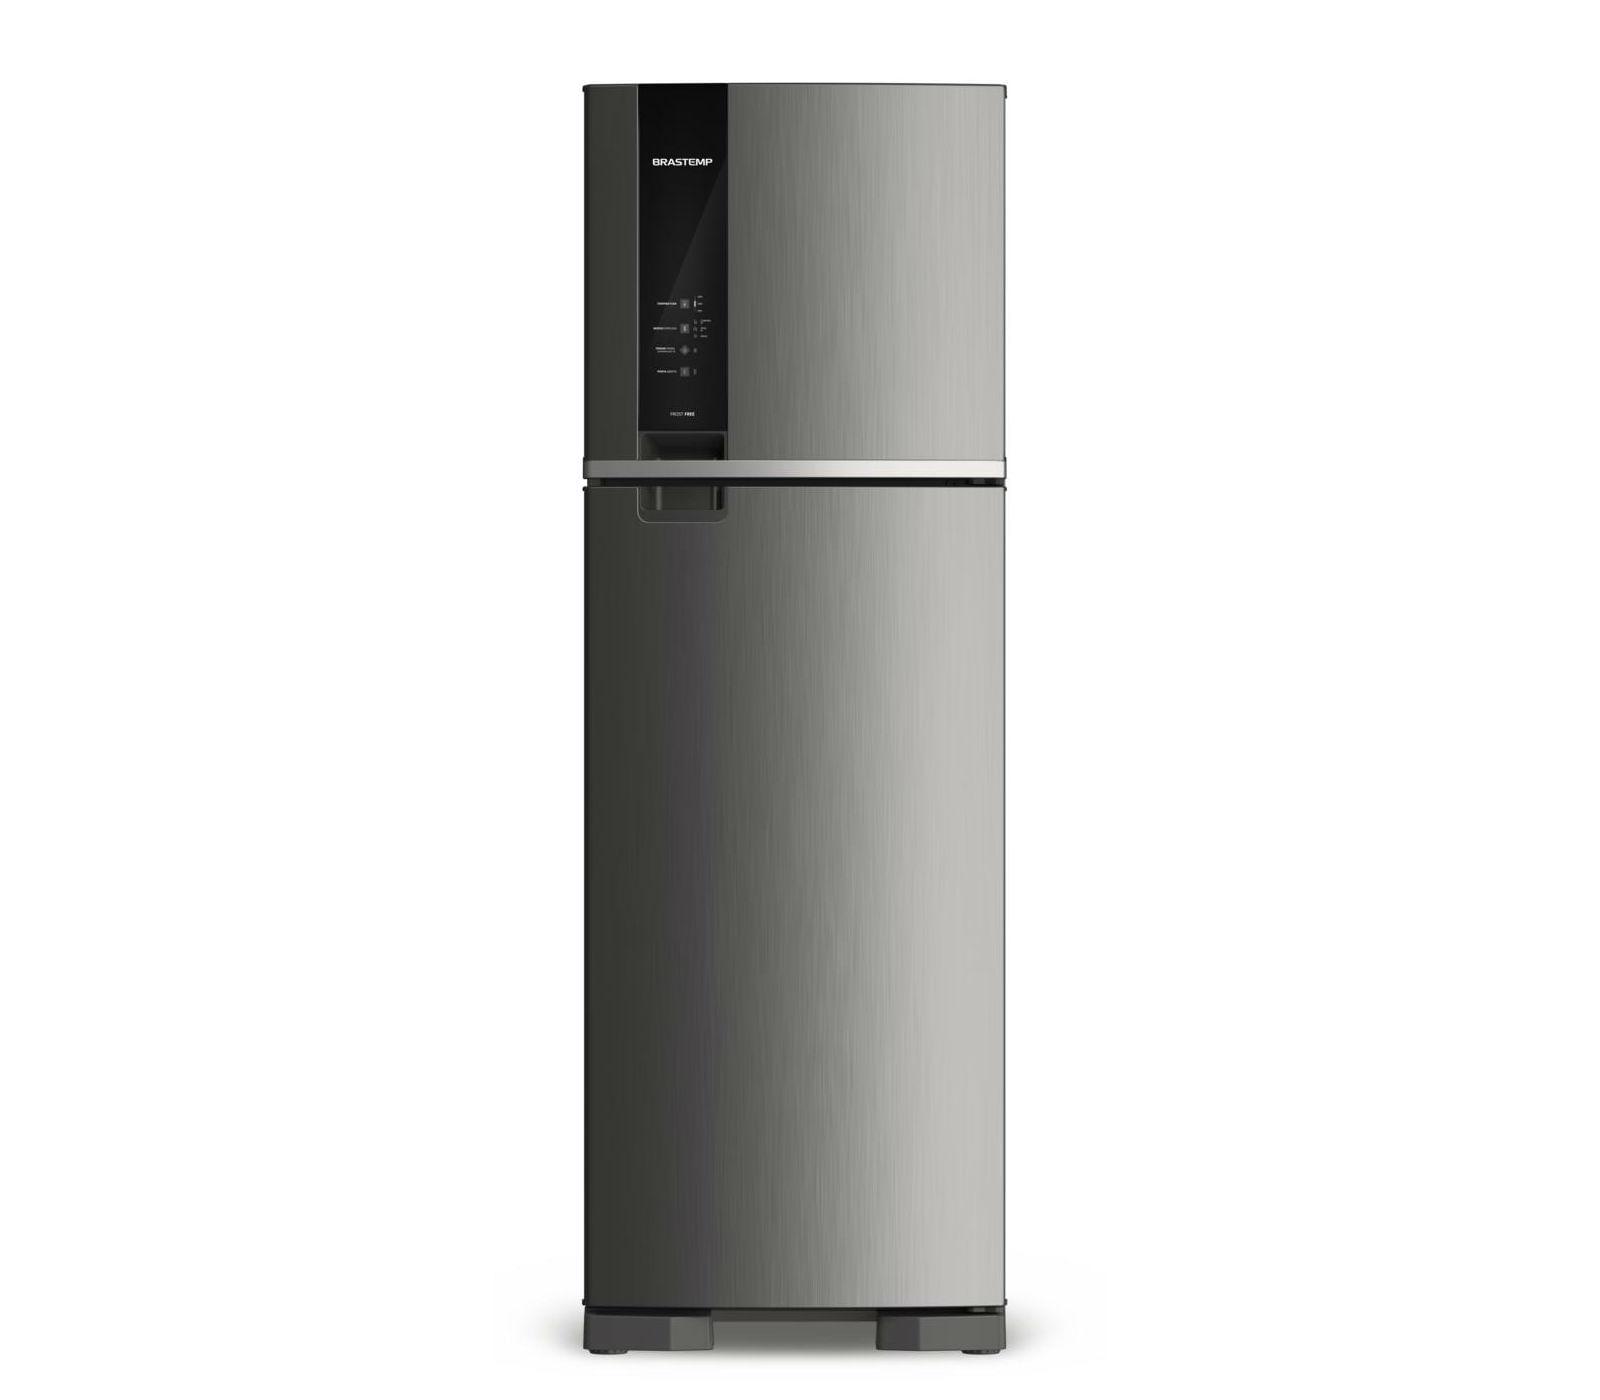 Geladeira Brastemp Frost Free Duplex 400 litros cor Inox com Espaço Adapt